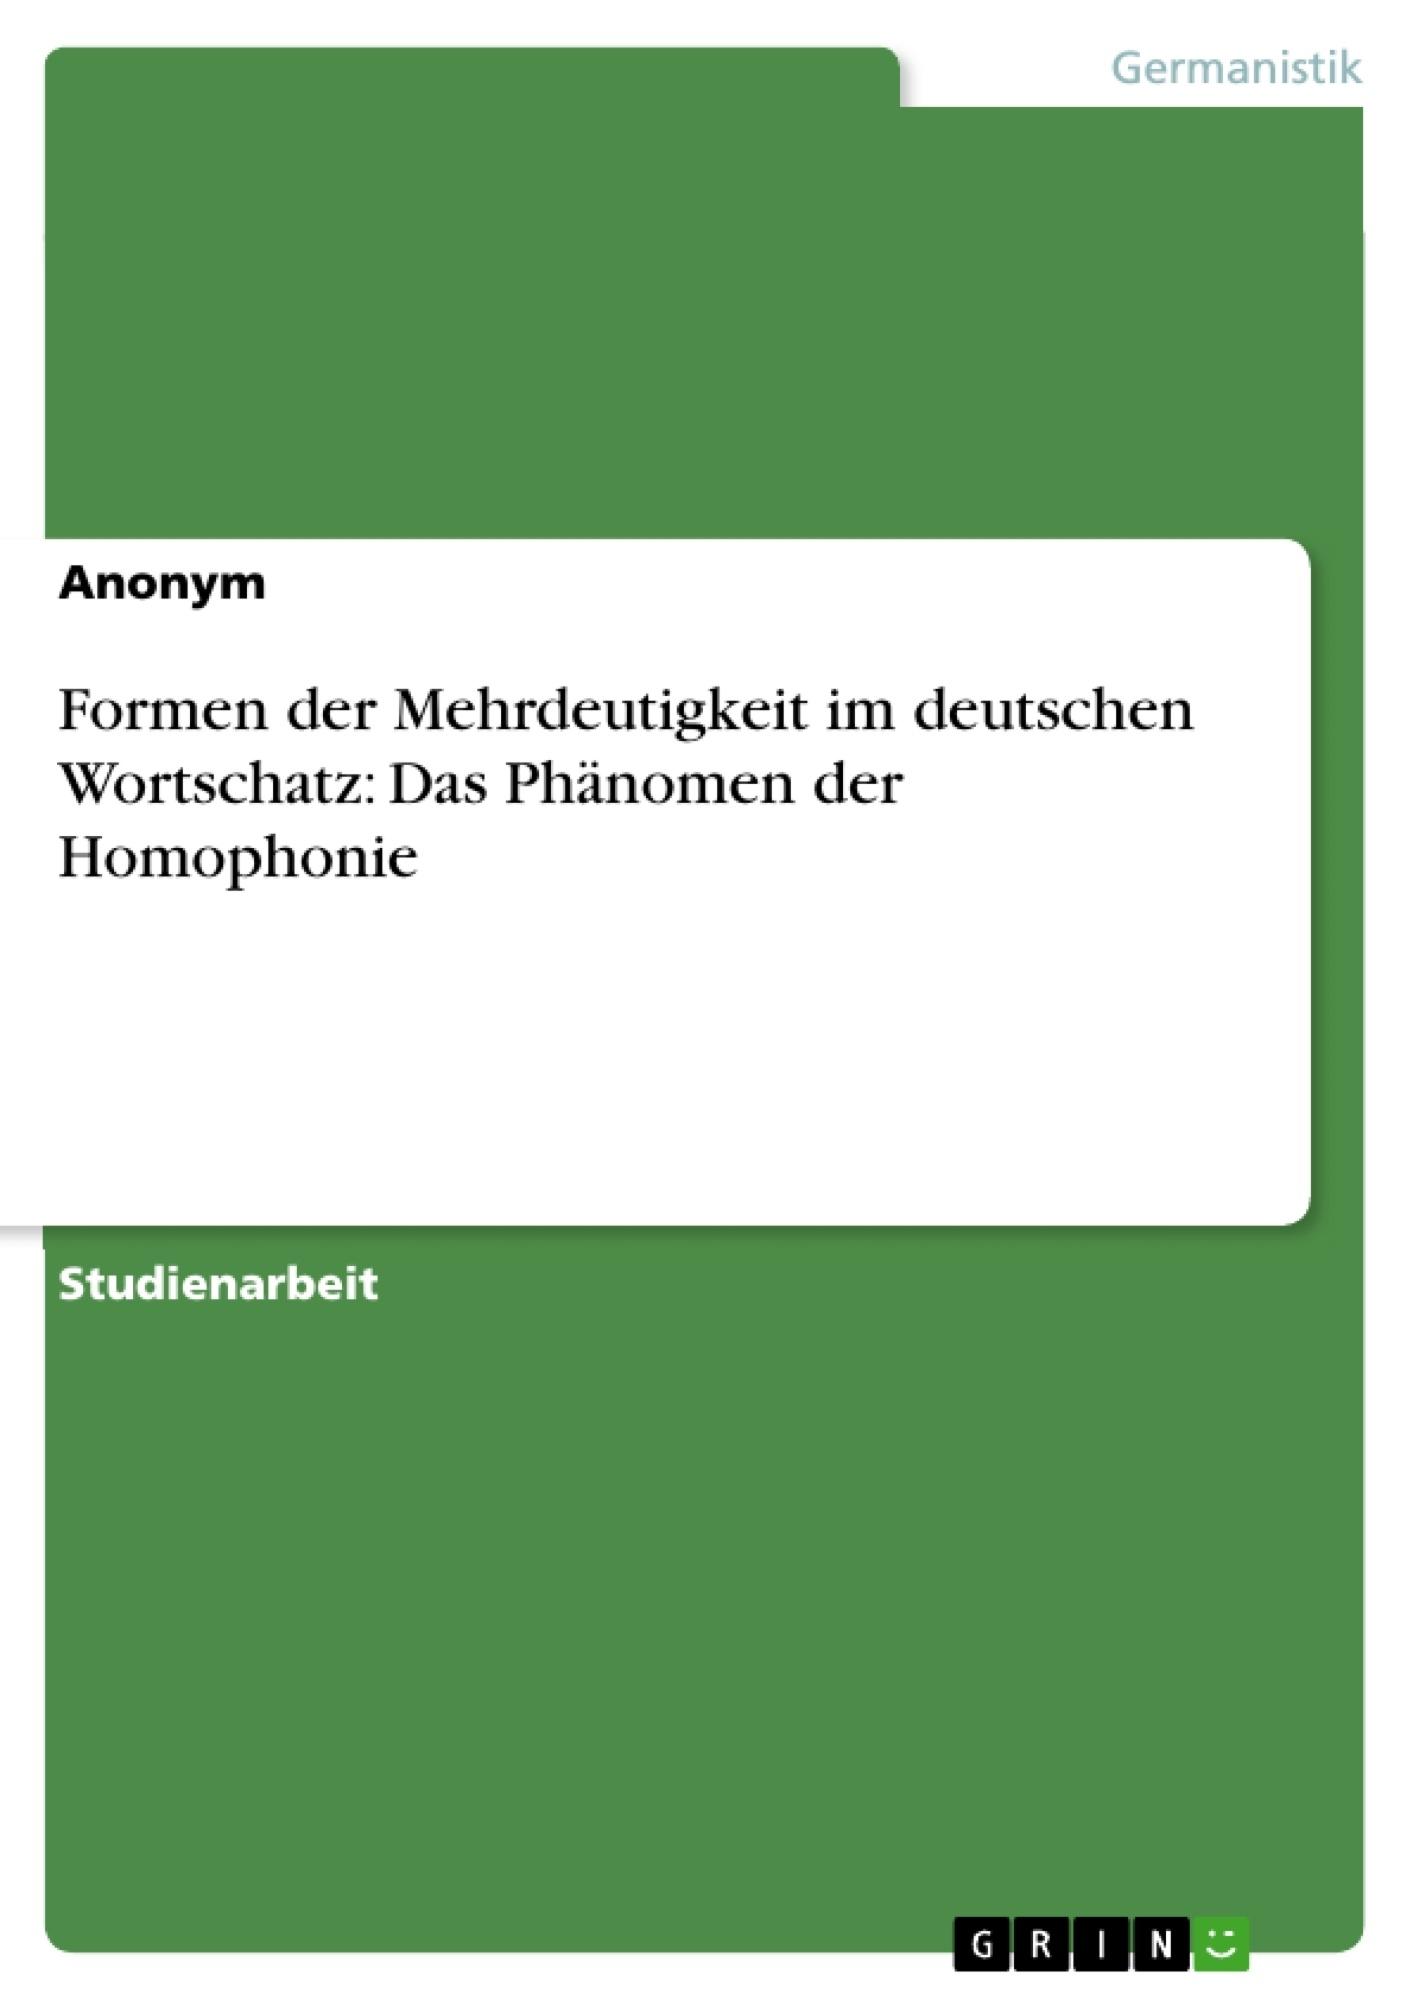 Titel: Formen der Mehrdeutigkeit im deutschen Wortschatz: Das Phänomen der Homophonie